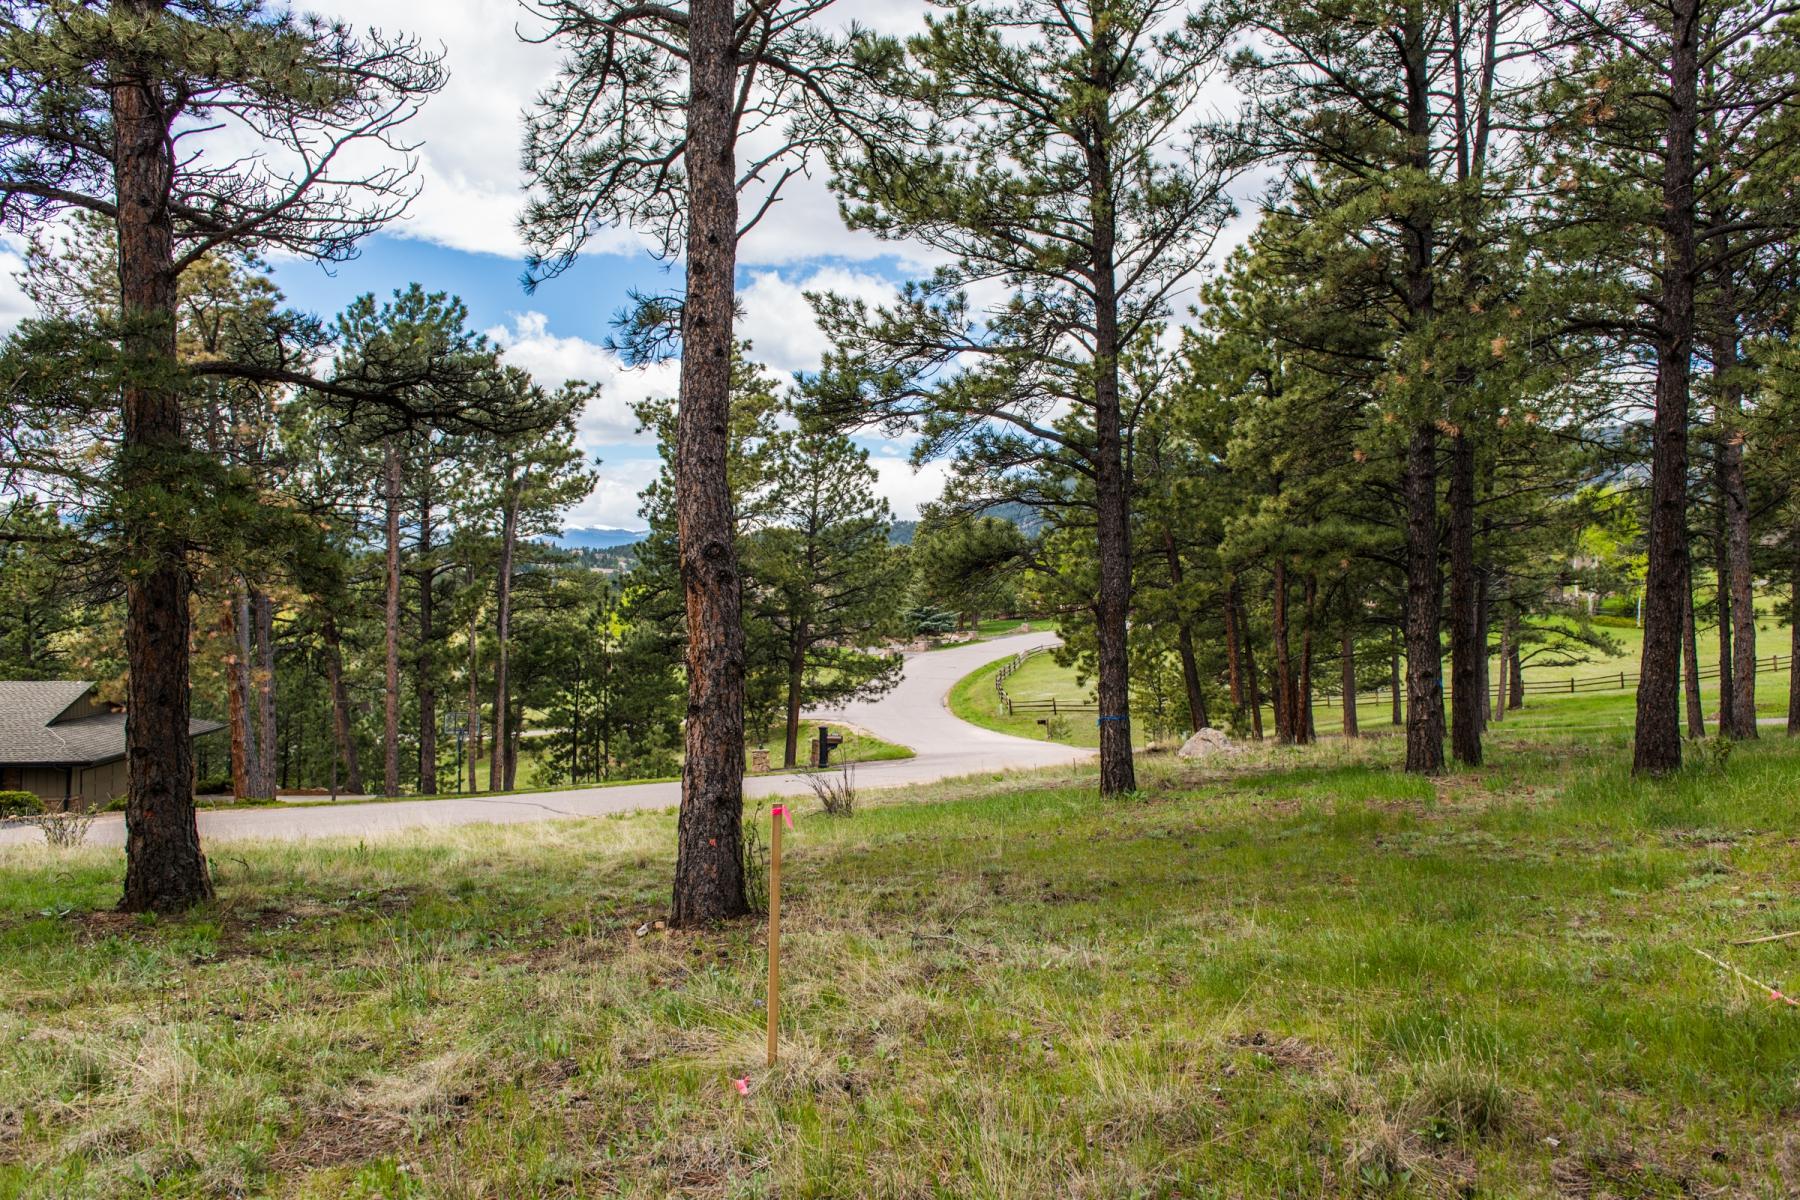 Земля для того Продажа на Premium Building Site! TBD Canterbury Circle Evergreen, Колорадо 80439 Соединенные Штаты